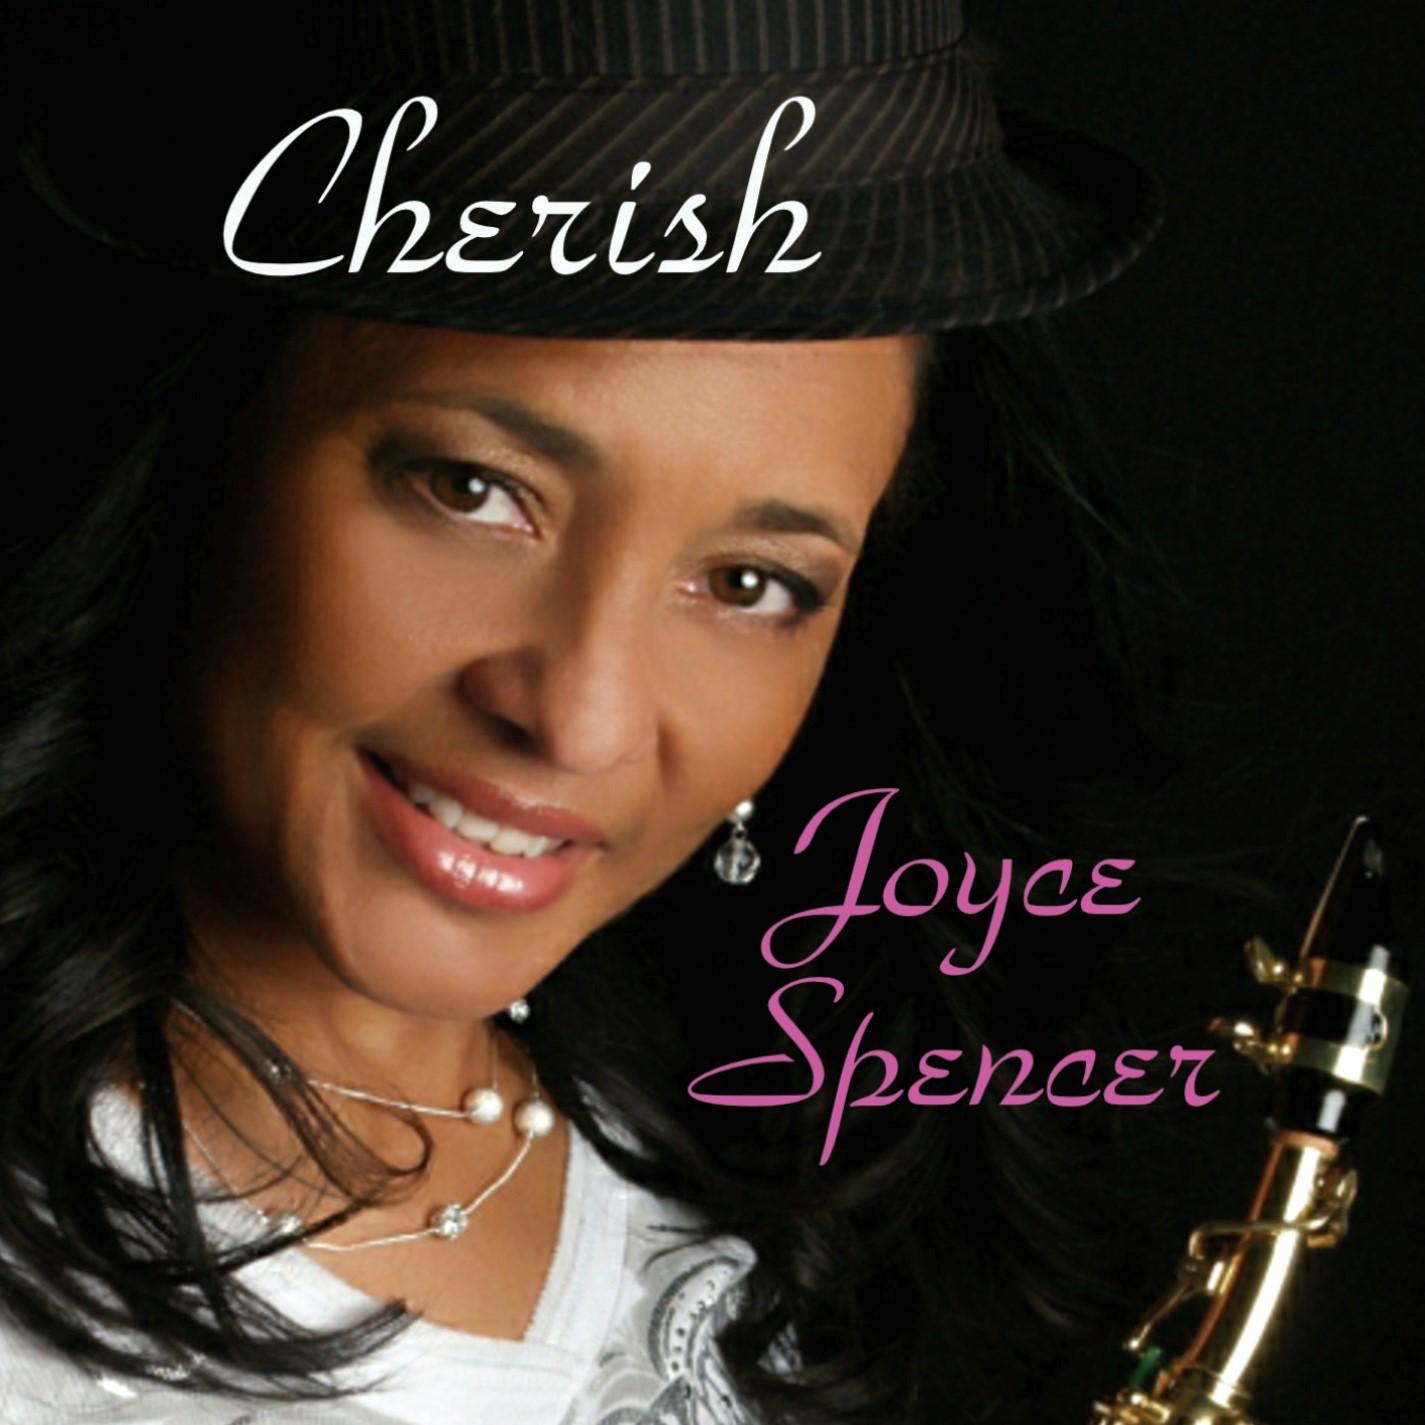 Joyce Spencer cover art